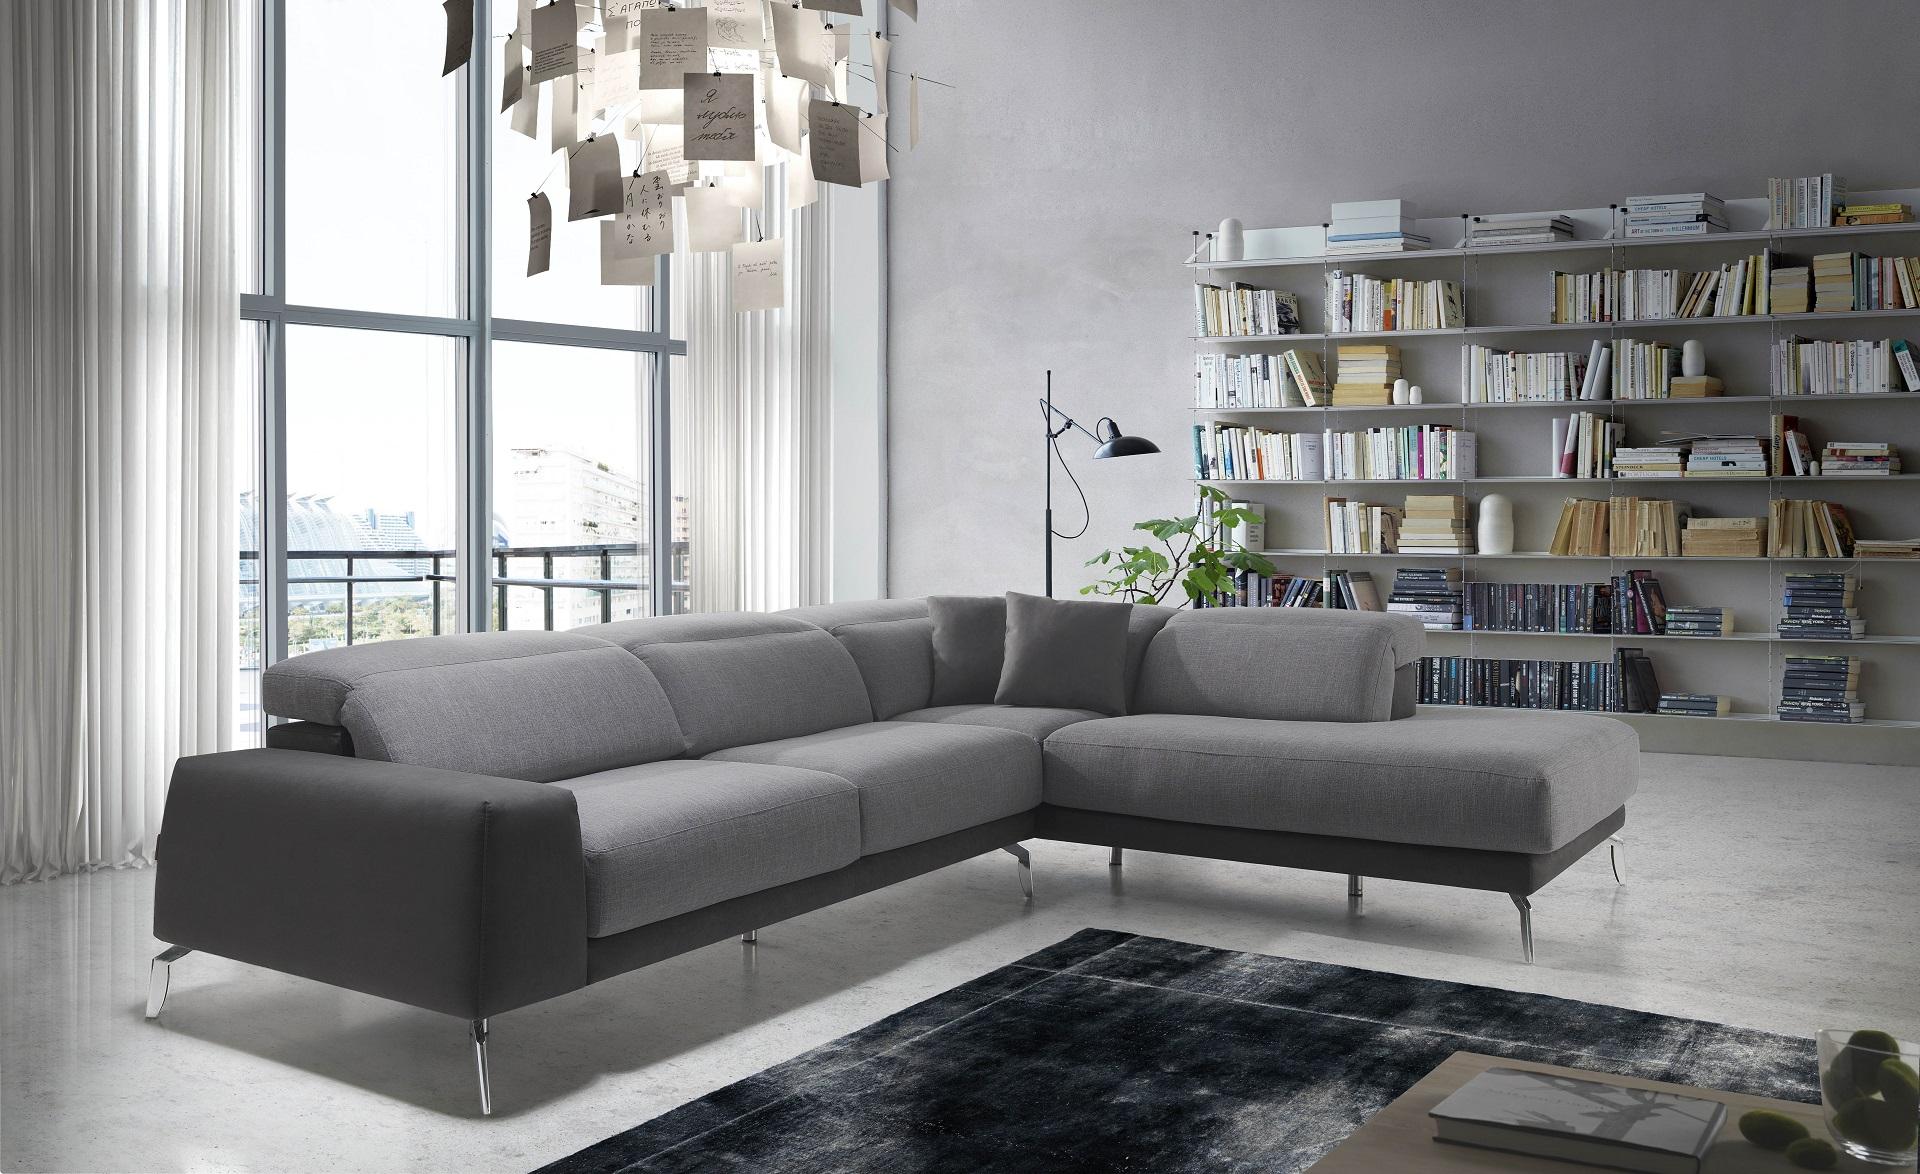 Muebles bidasoa en irun vende sof s modernos 943632932 for Muebles oportunidades